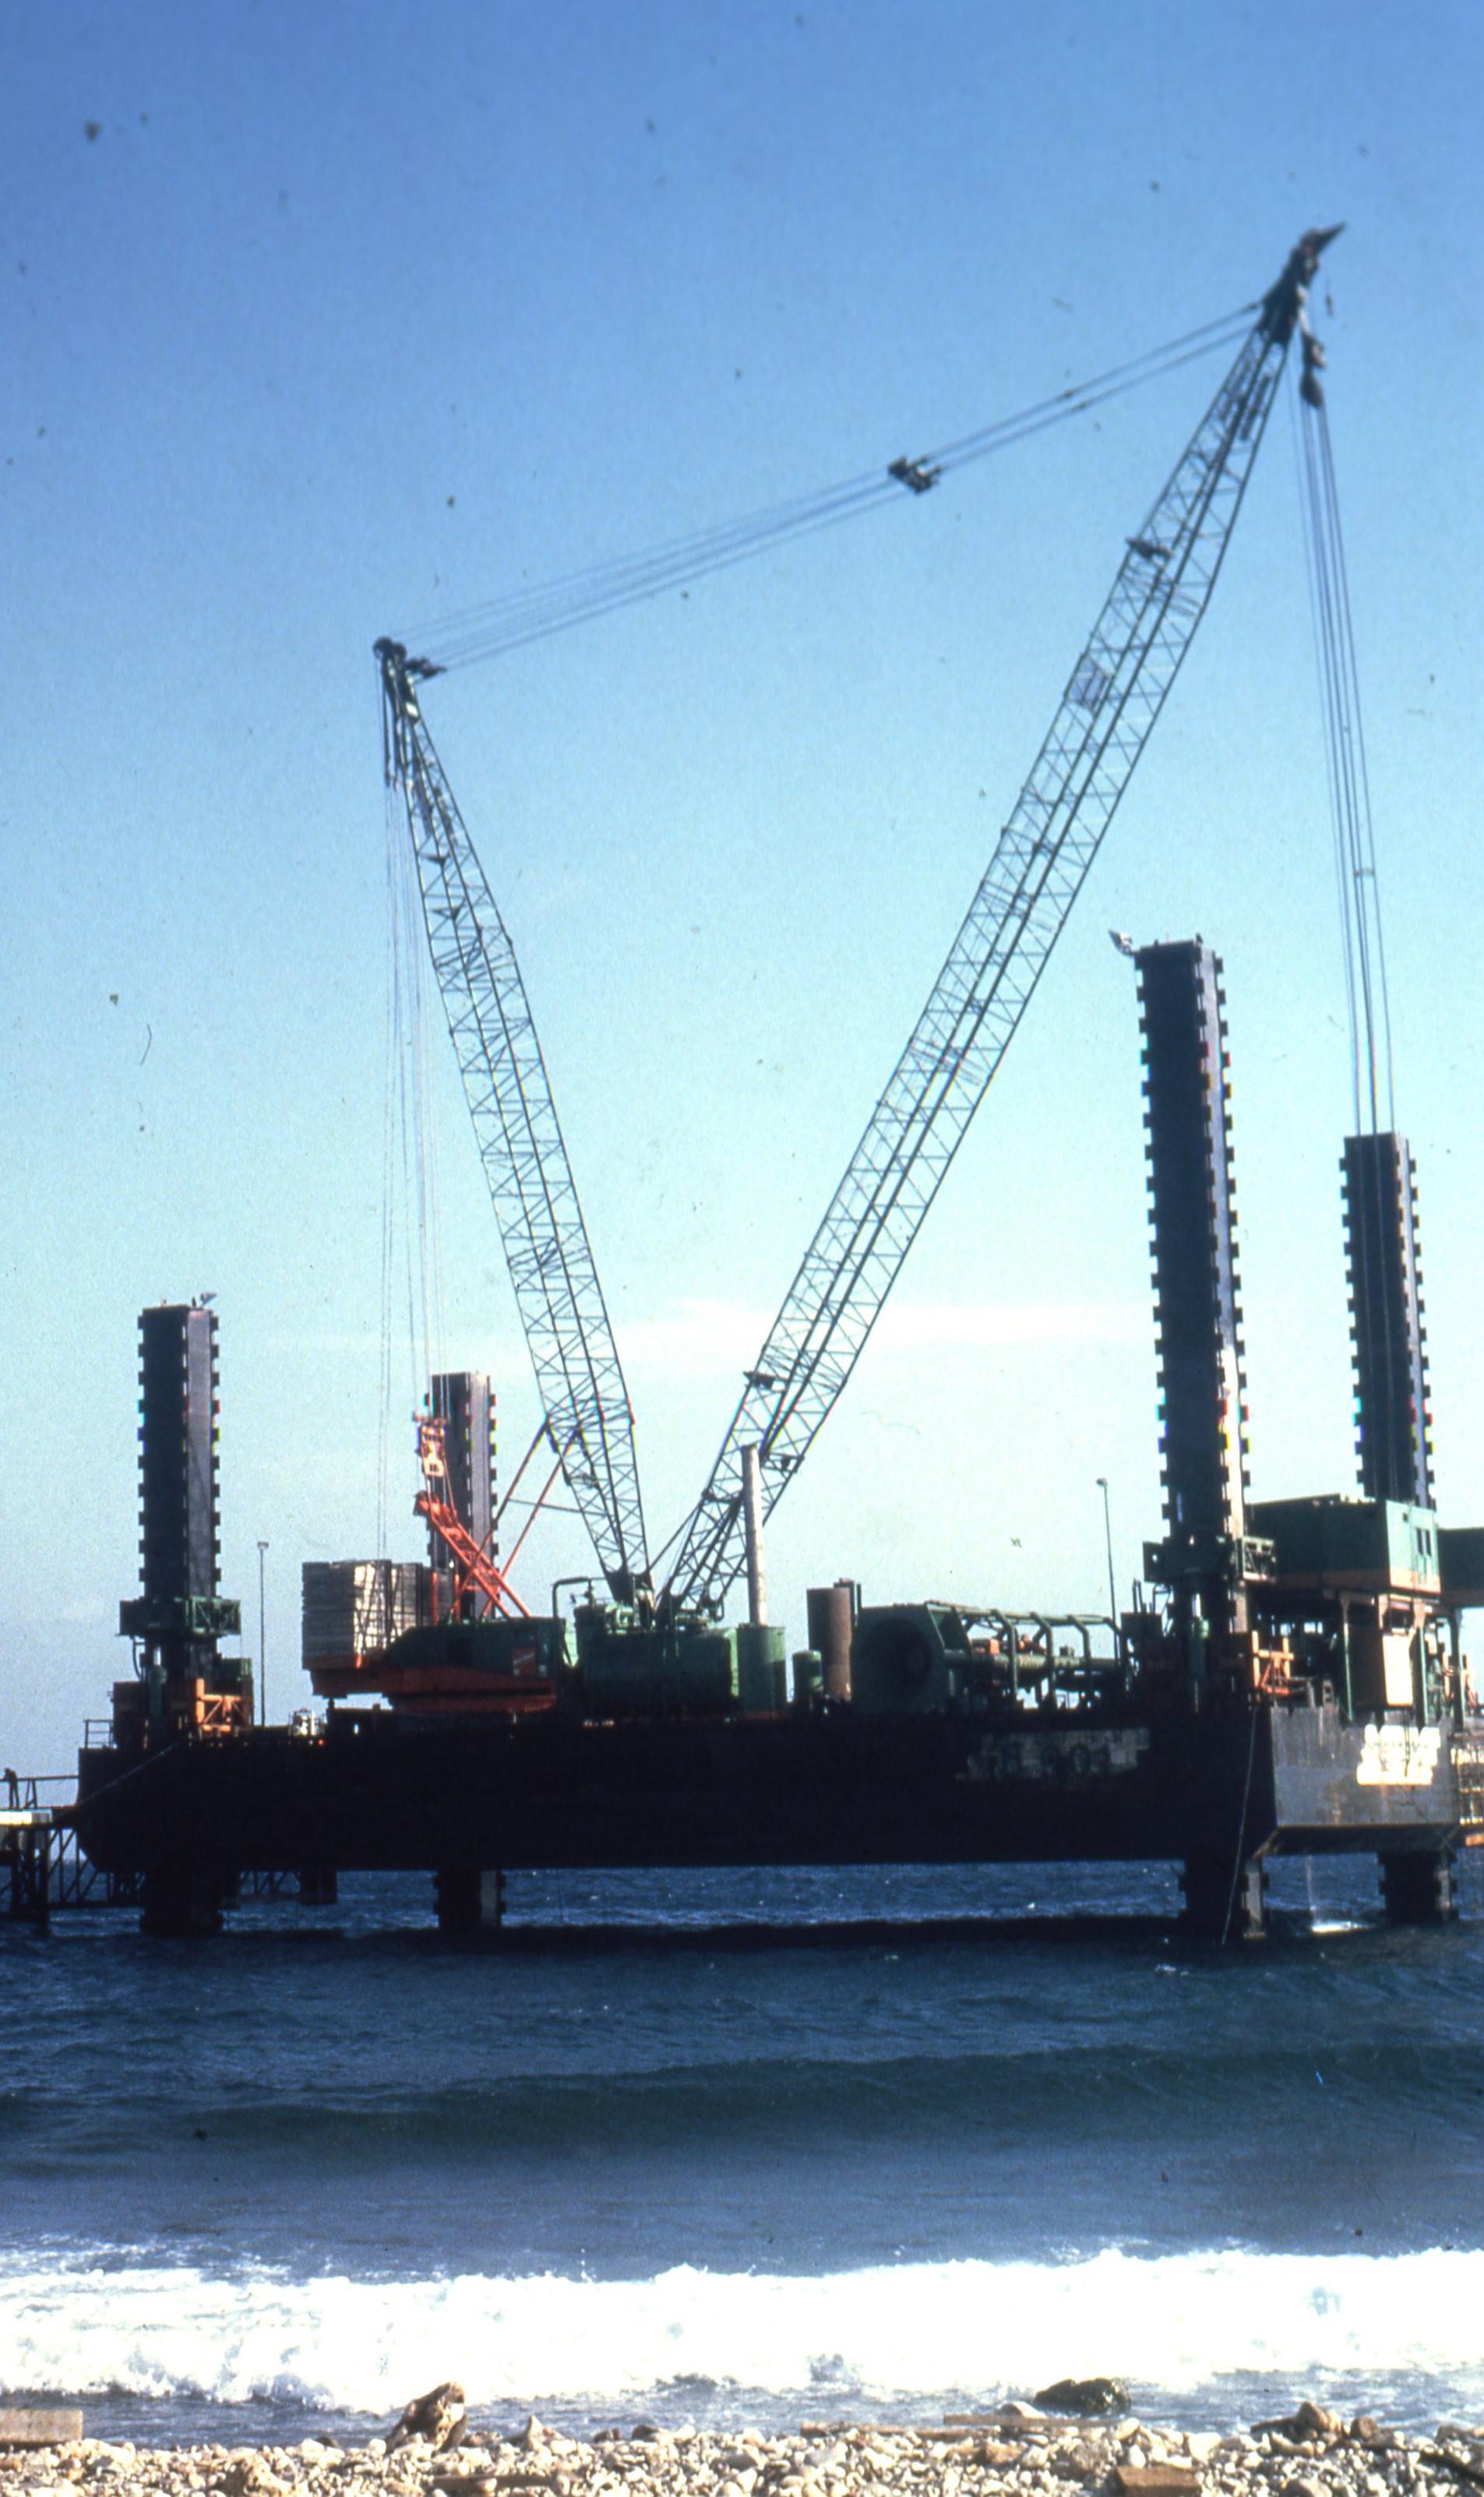 Co. 948: IB 901 (1975)